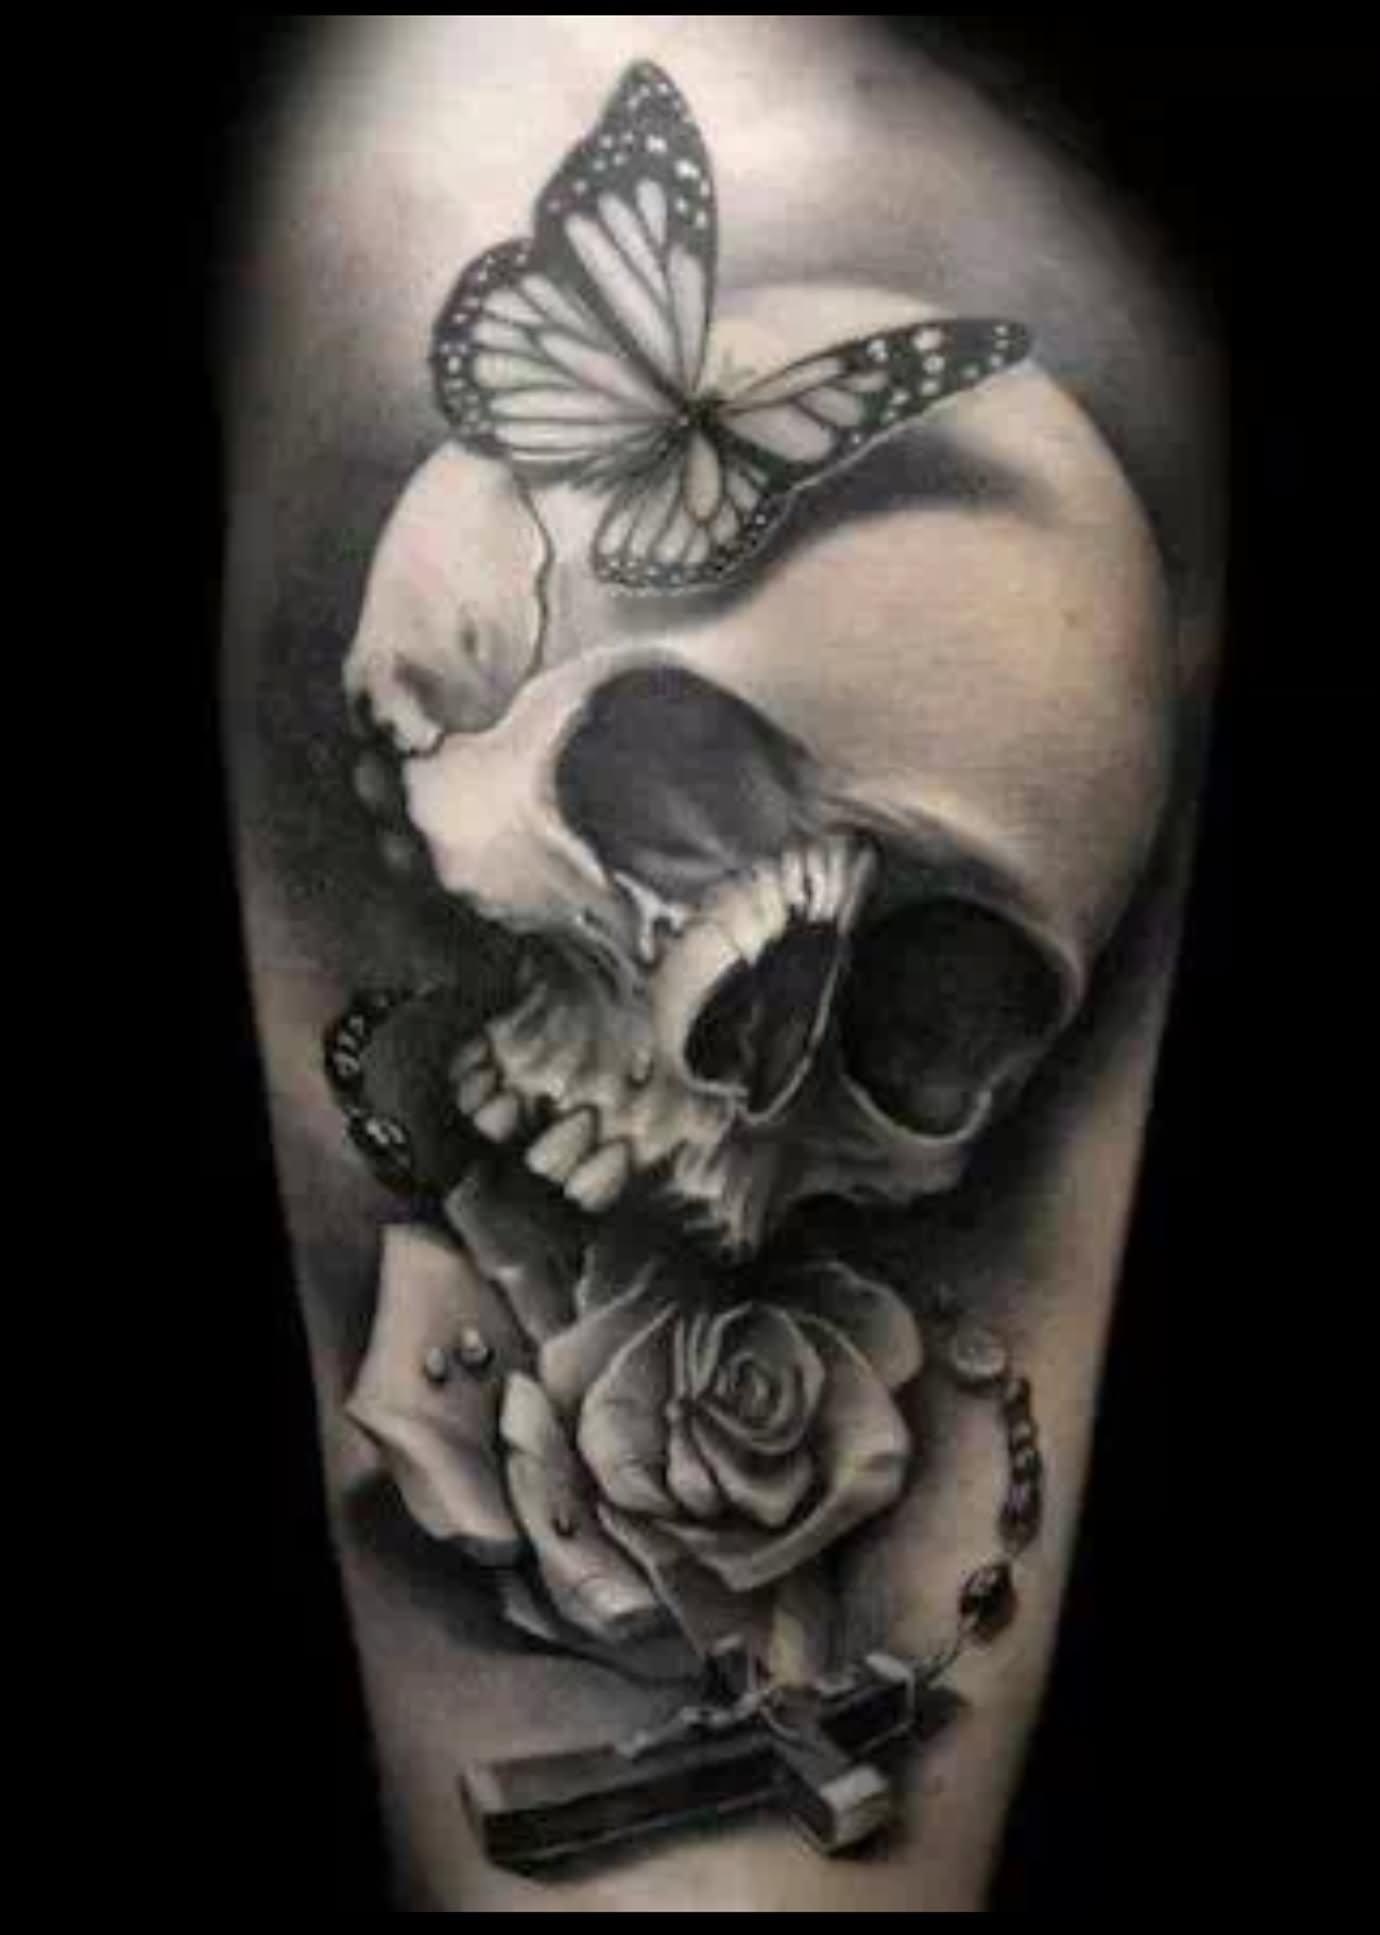 Simple skull tattoo designs - Tattoo Designs Cross Simple Skull 3d Vampire Skull With Rose And Rosary Cross Tattoo Design